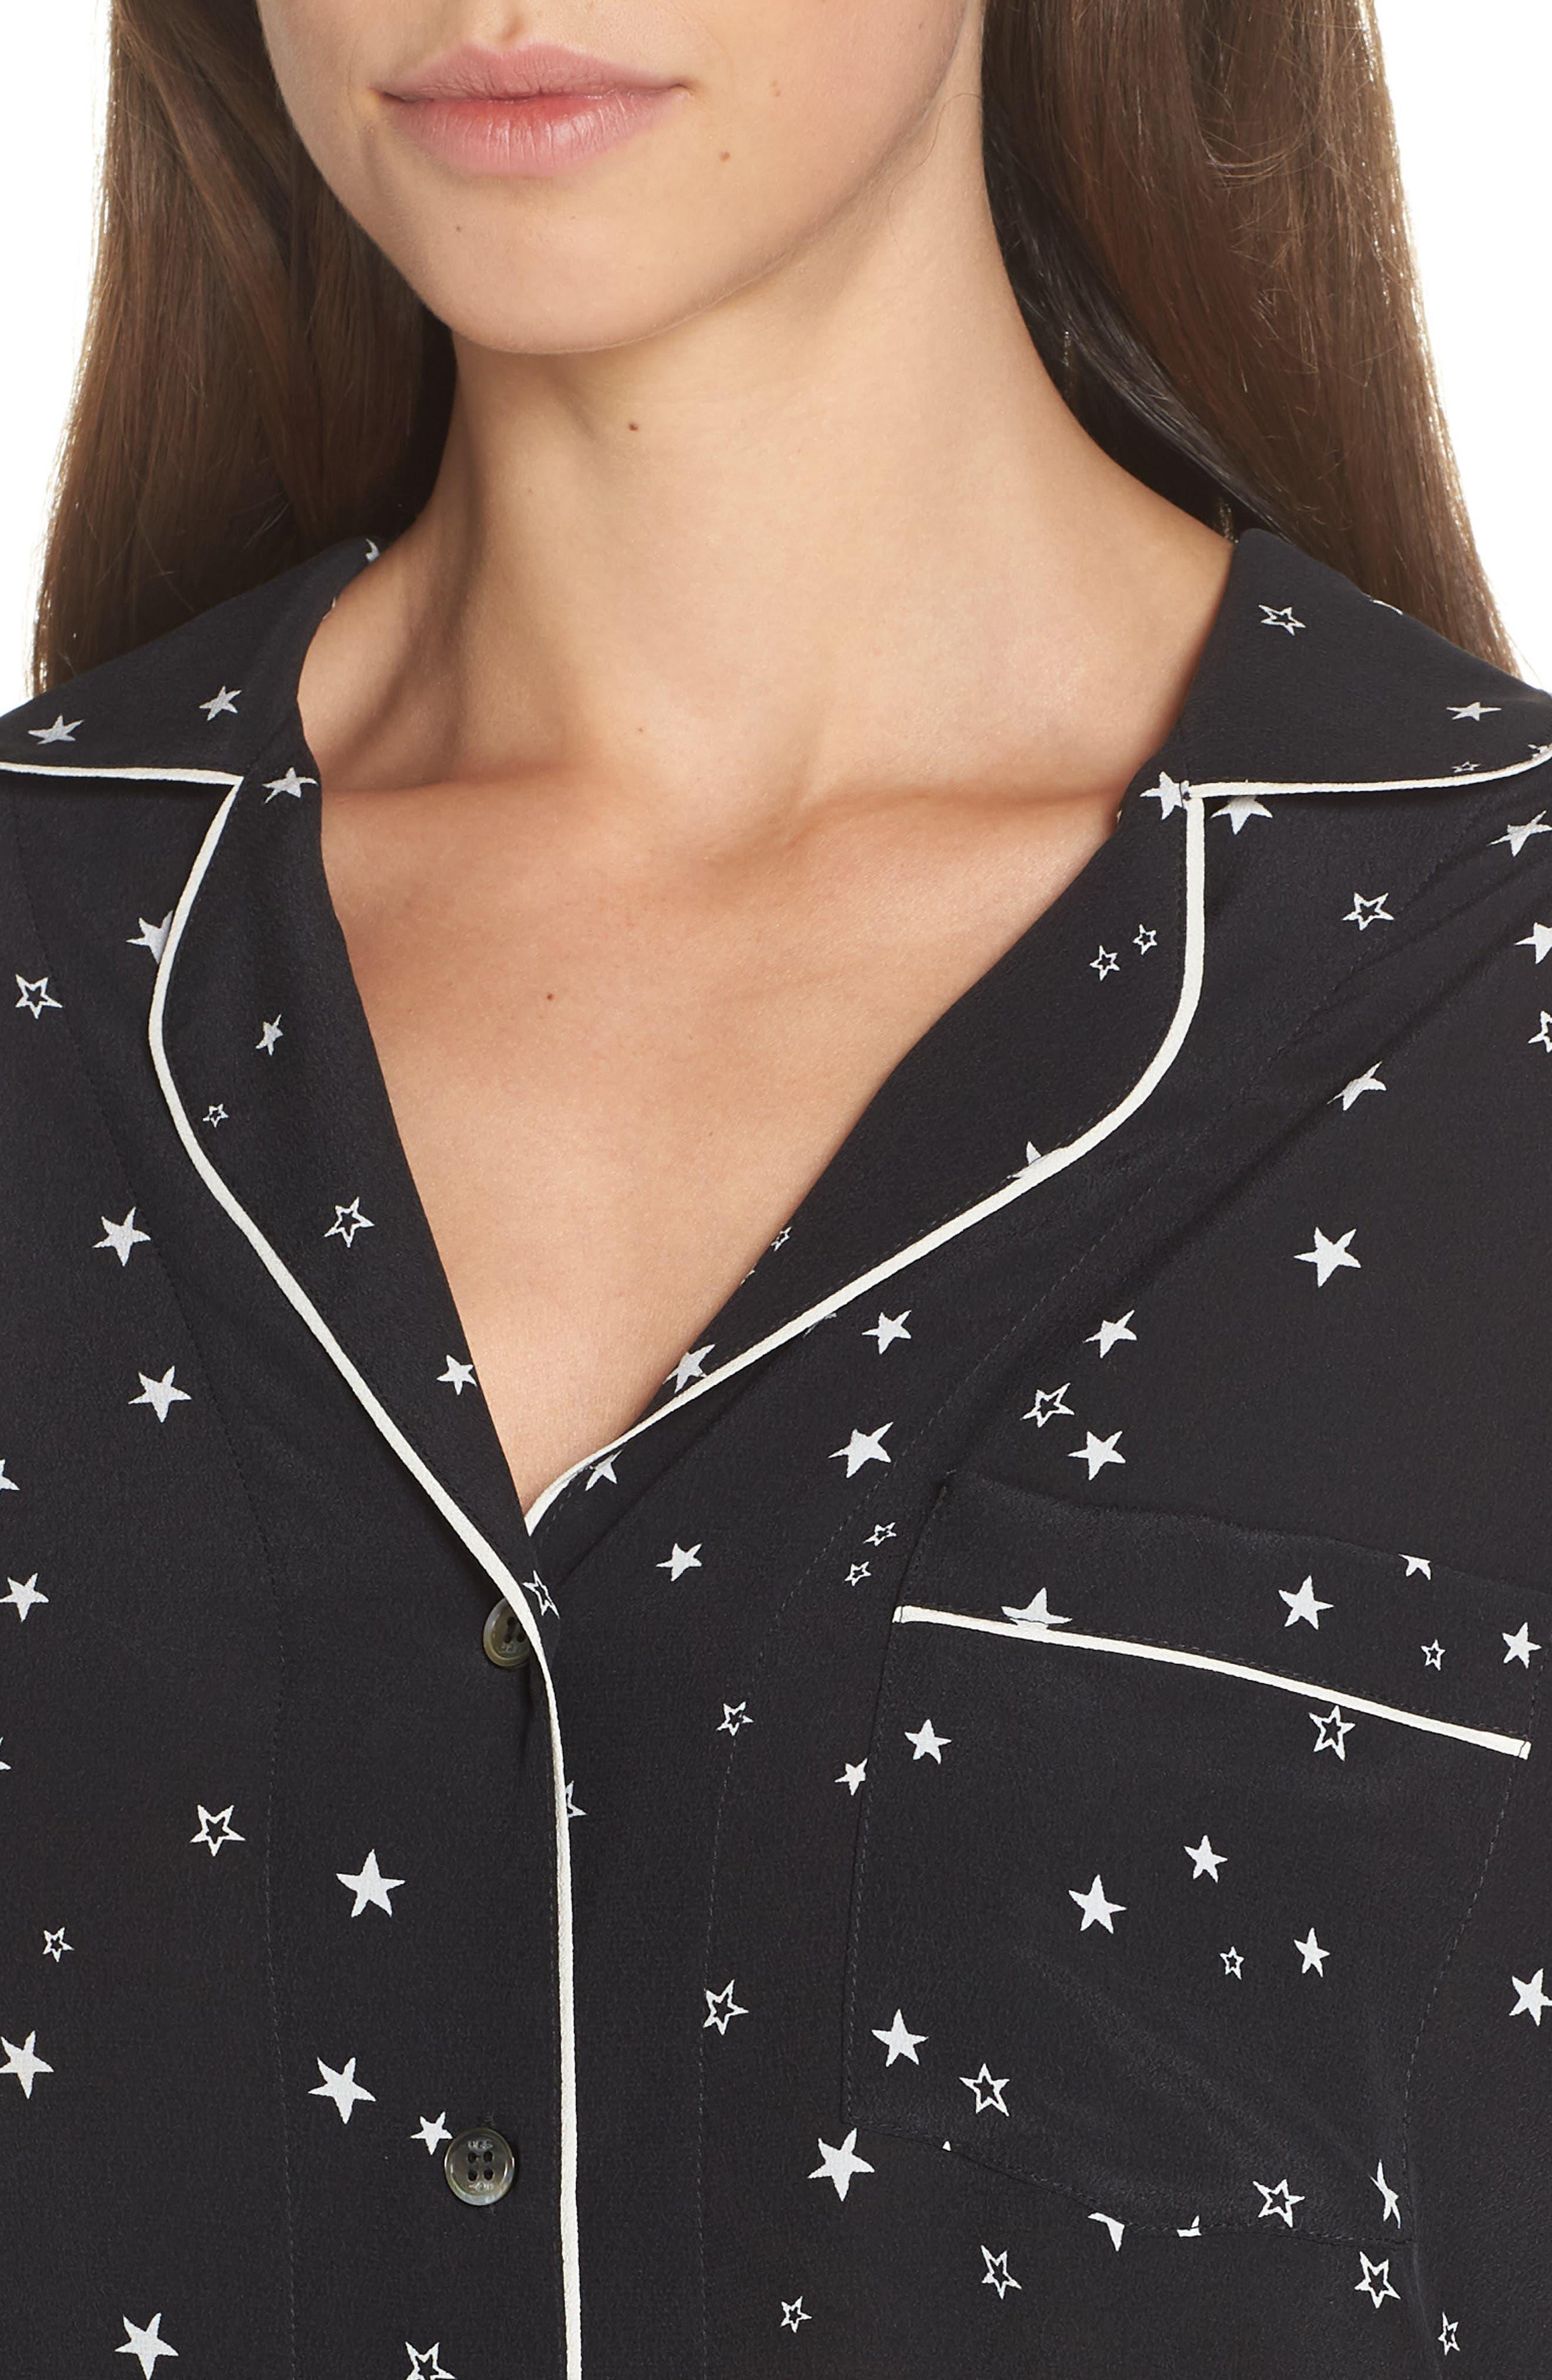 Raven Silk Pajamas,                             Alternate thumbnail 4, color,                             BLACK STARS